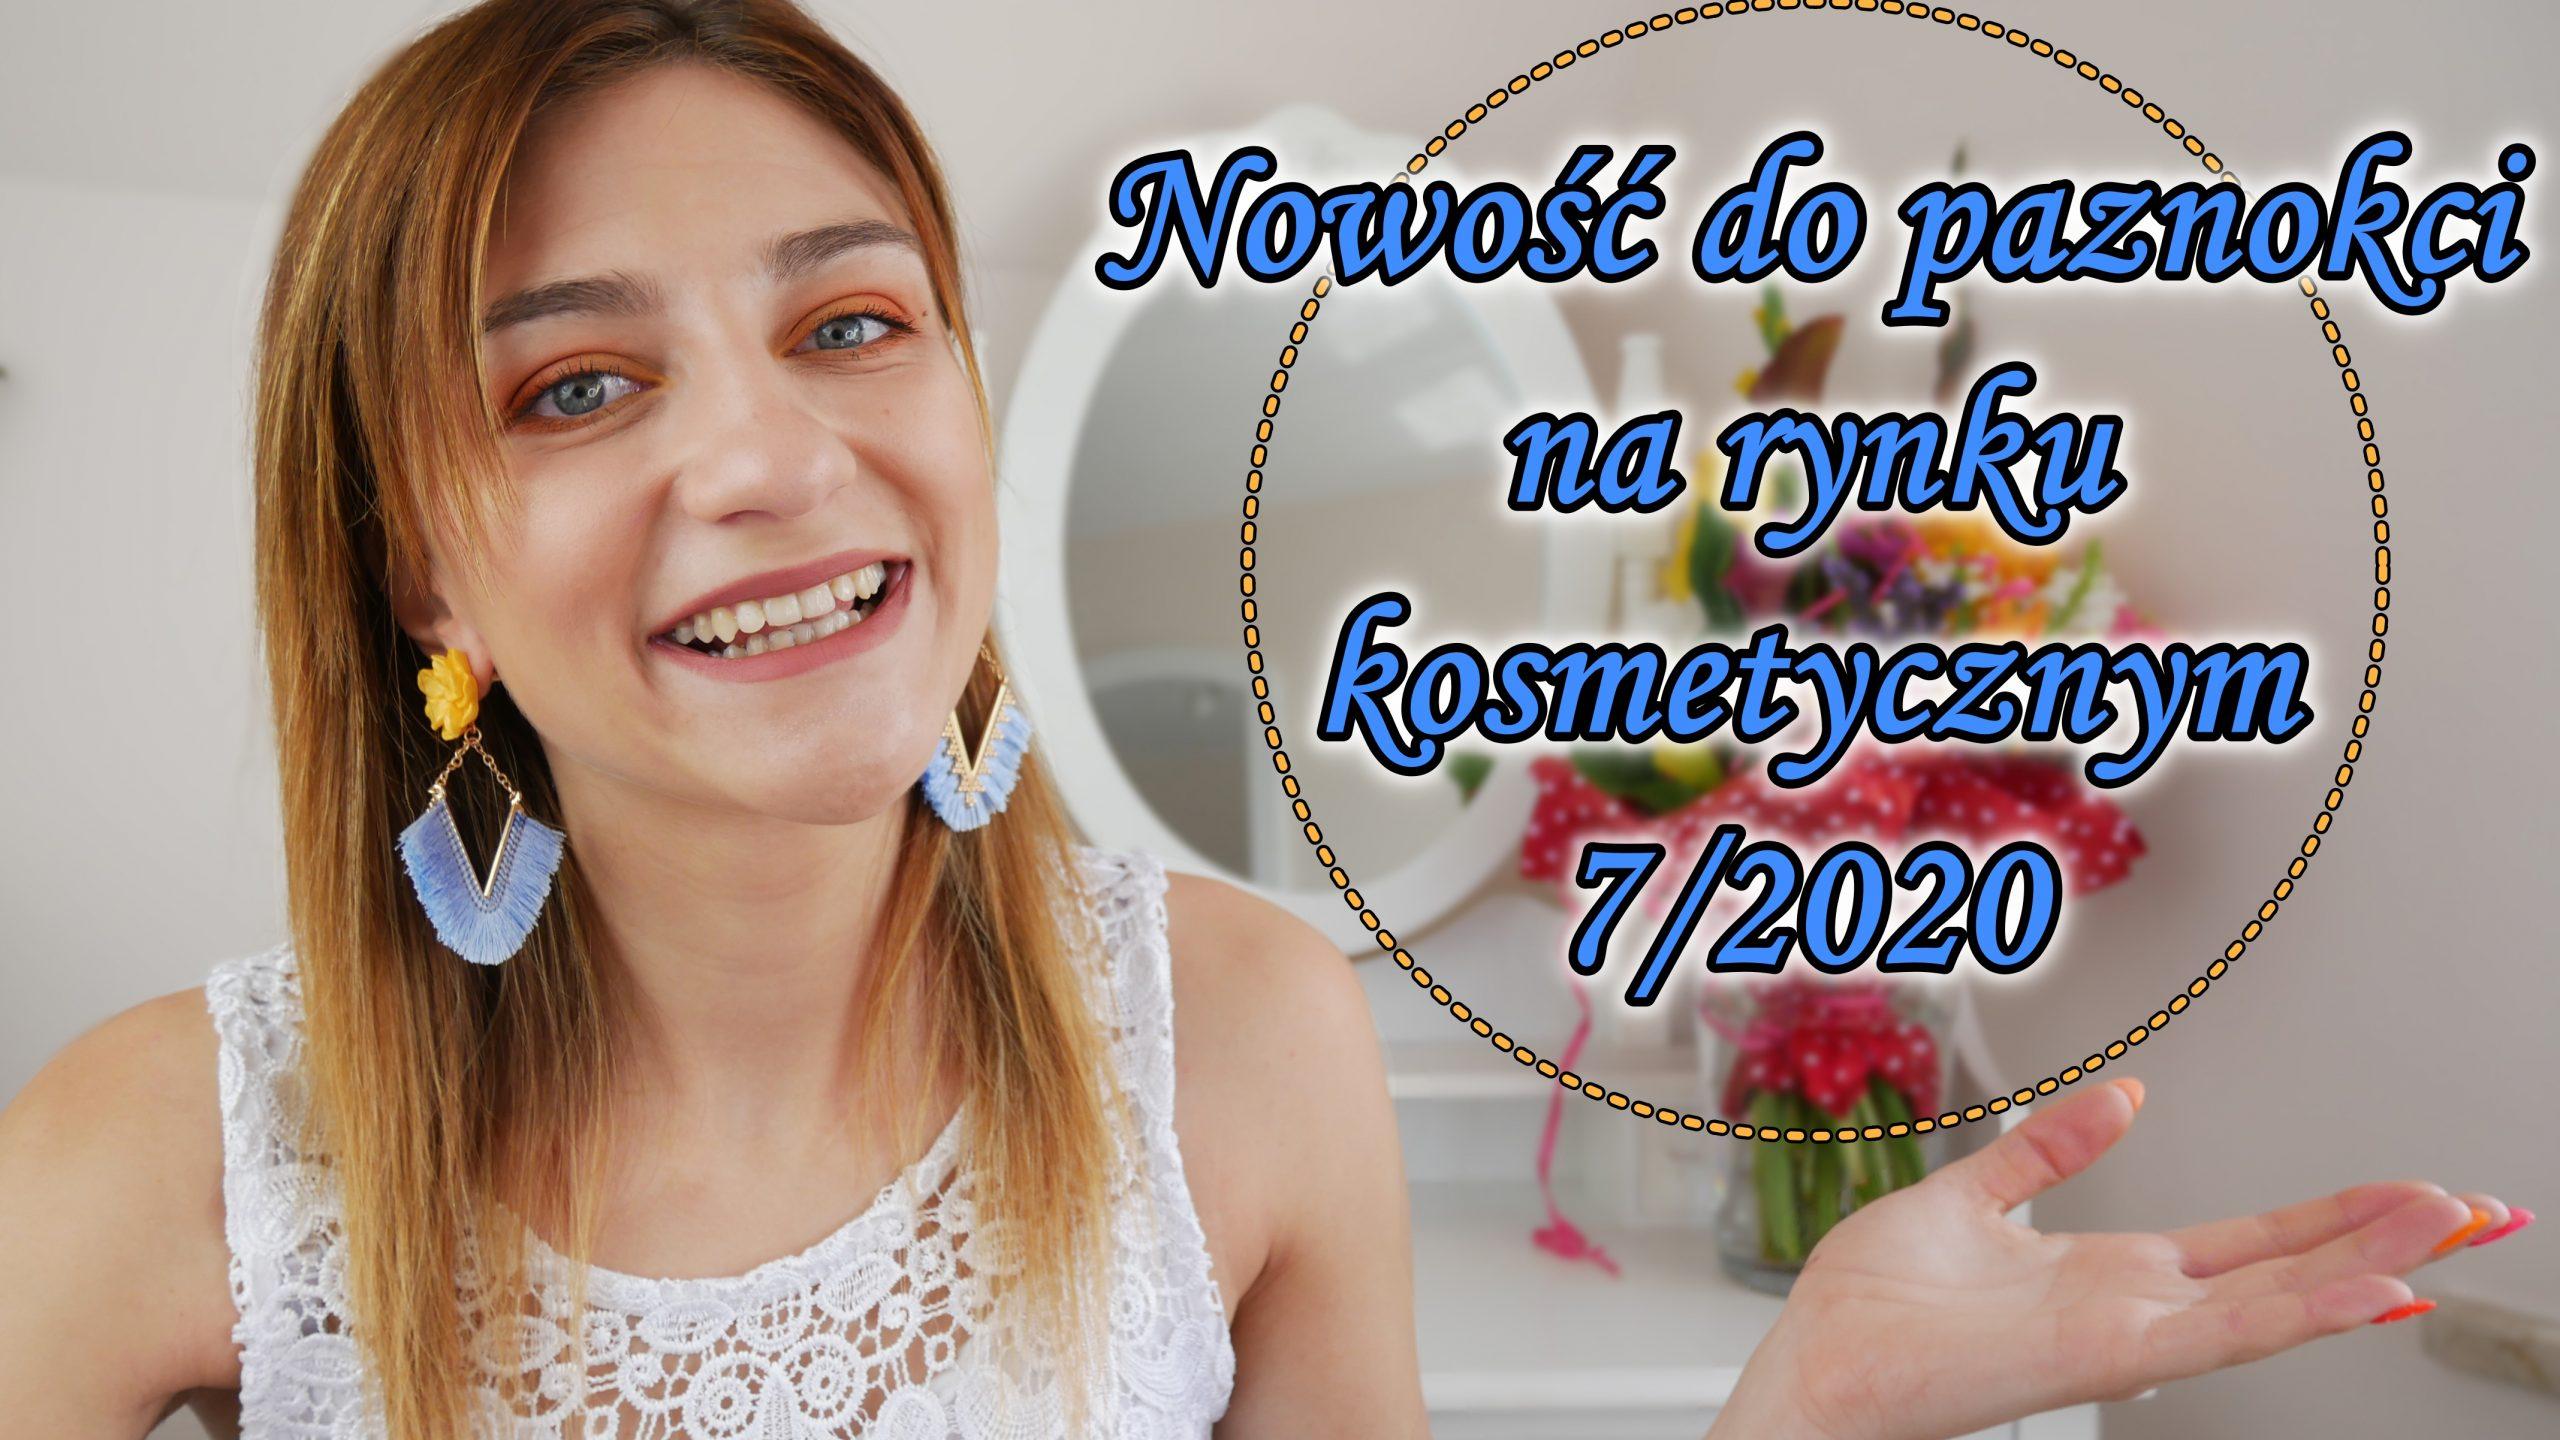 7-2020-nowosci-do-paznokci-na-rynku-kosmetycznym-lipiec-Lakierowniczka